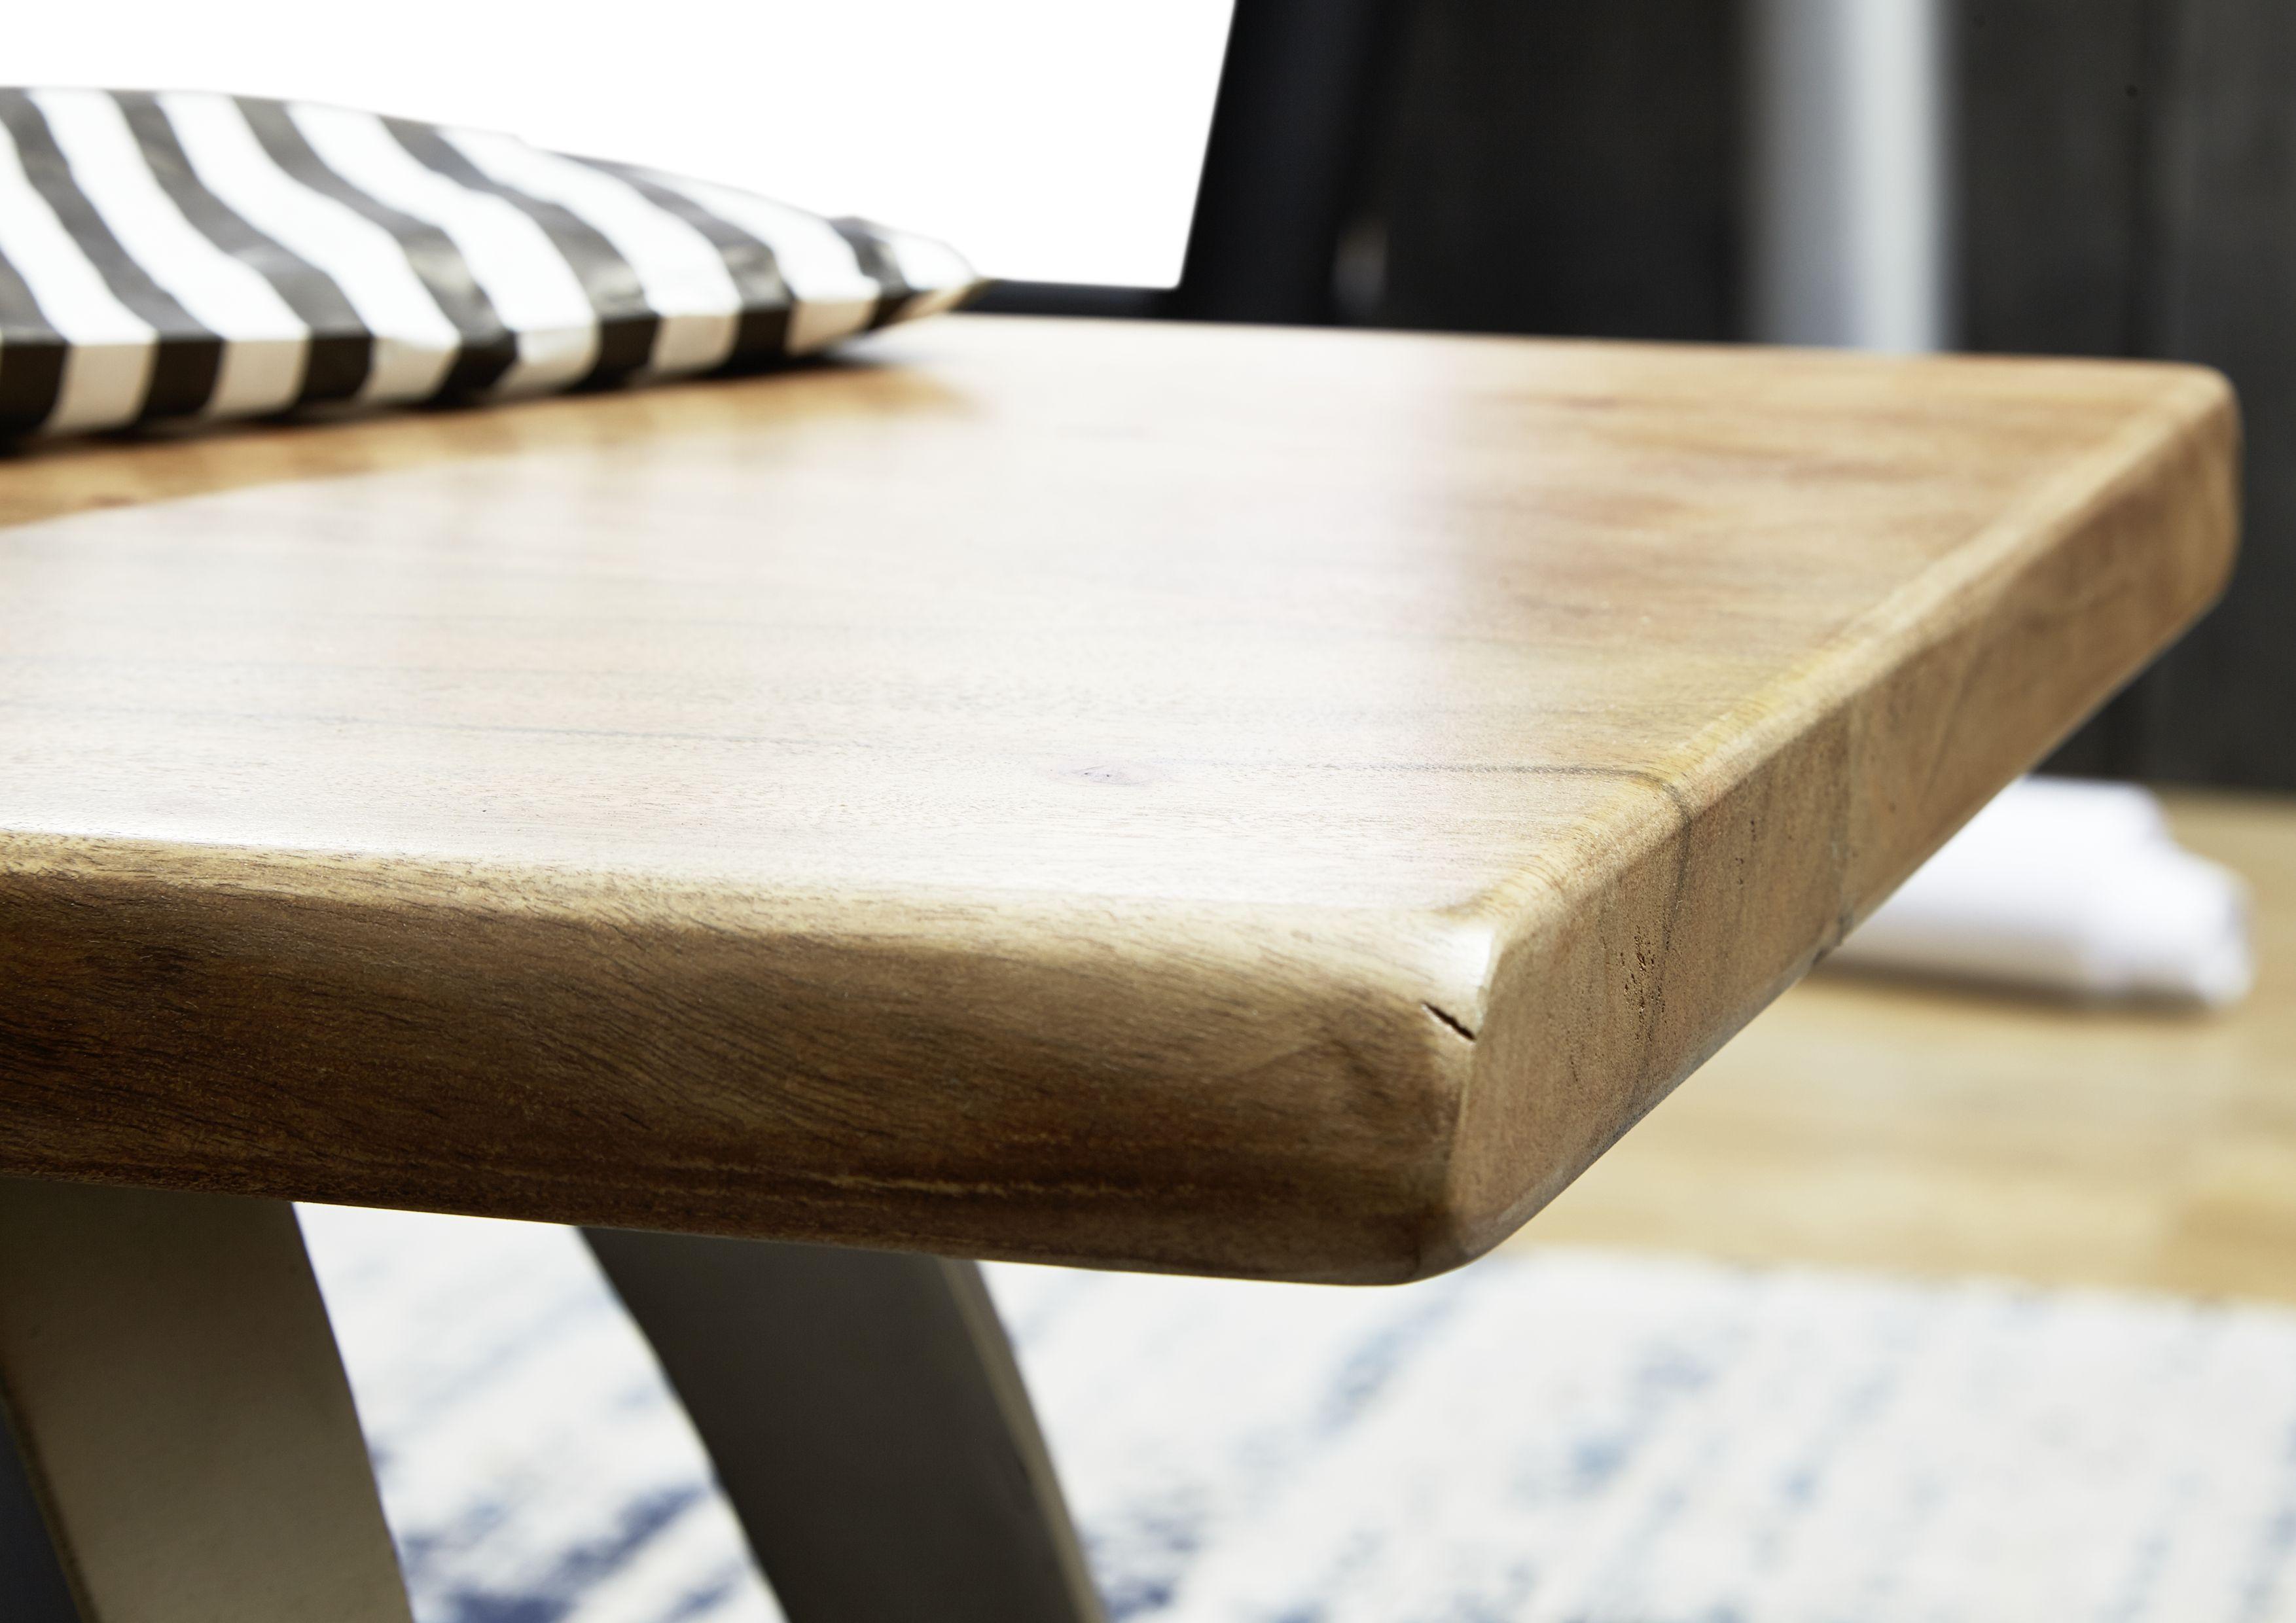 möbel möbelstücke holz echtholz massivholz wood wooddesign homeinterior interiordesign home decor einrichtung furniture ideas esszimmer